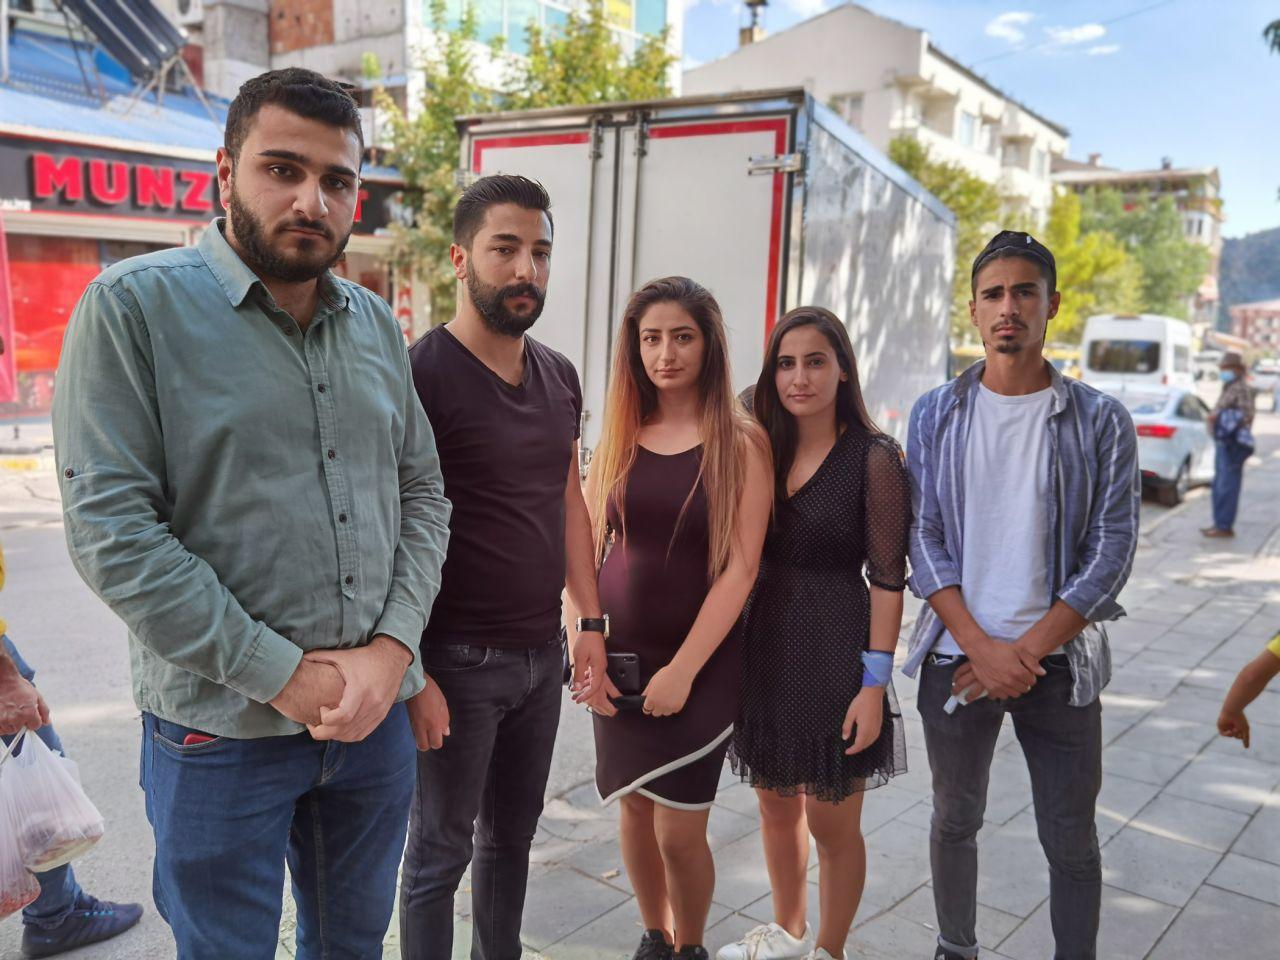 Tunceli'deki Munzur Üniversitesi öğrencileri yüksek ev kiraları için isyan etti. Komünist başkan ev sahiplerine çağrı yaptı, valilik de harekete geçti - Sayfa:4